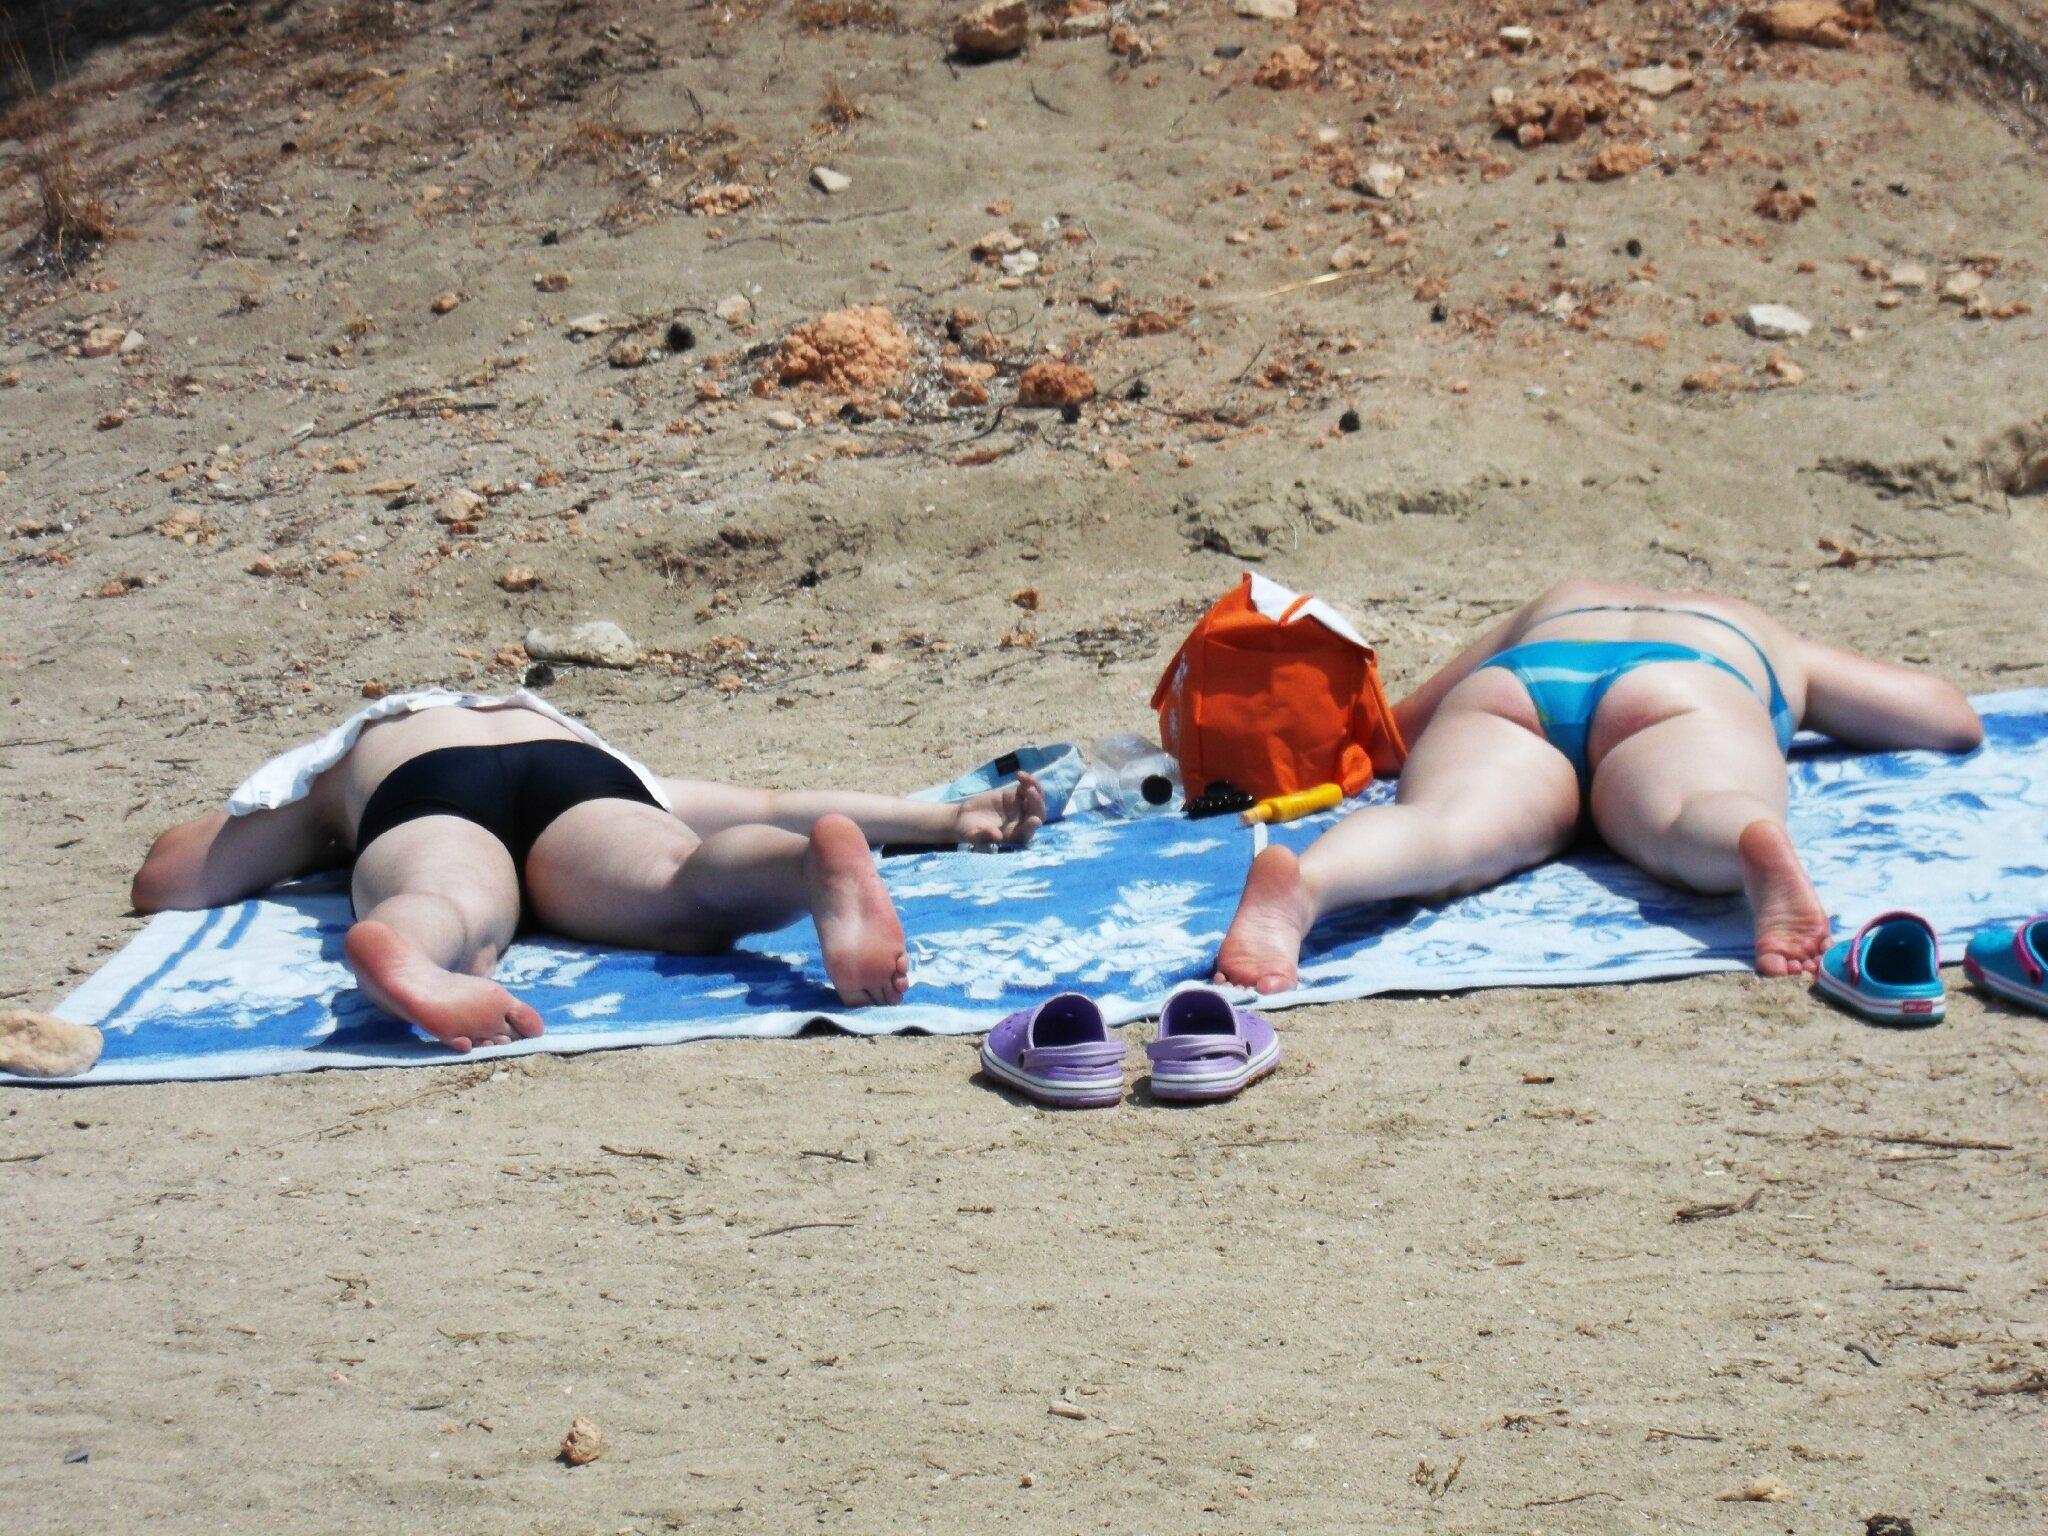 Les jeux de la plage